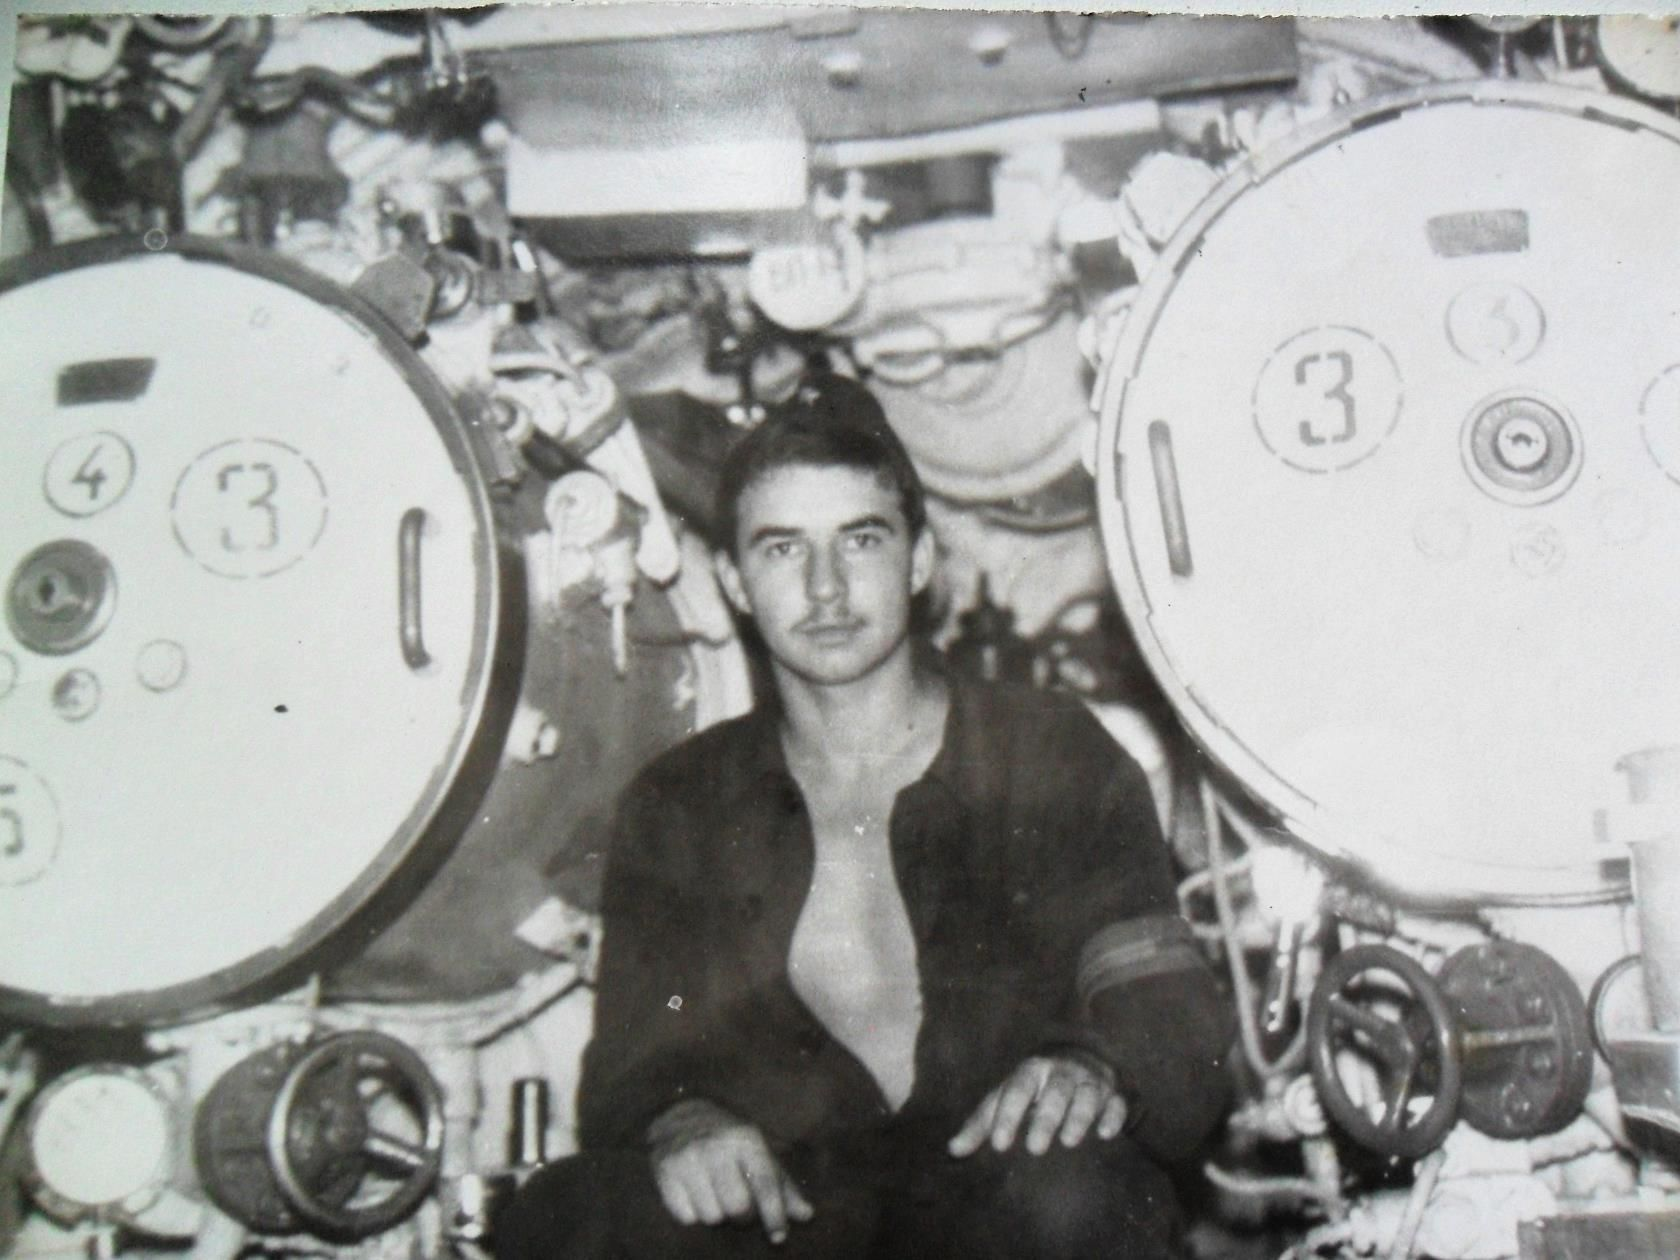 Михаил Васильченко в торпедном отсеке подводной лодки ©Фото из личного архива Михаила Васильченко